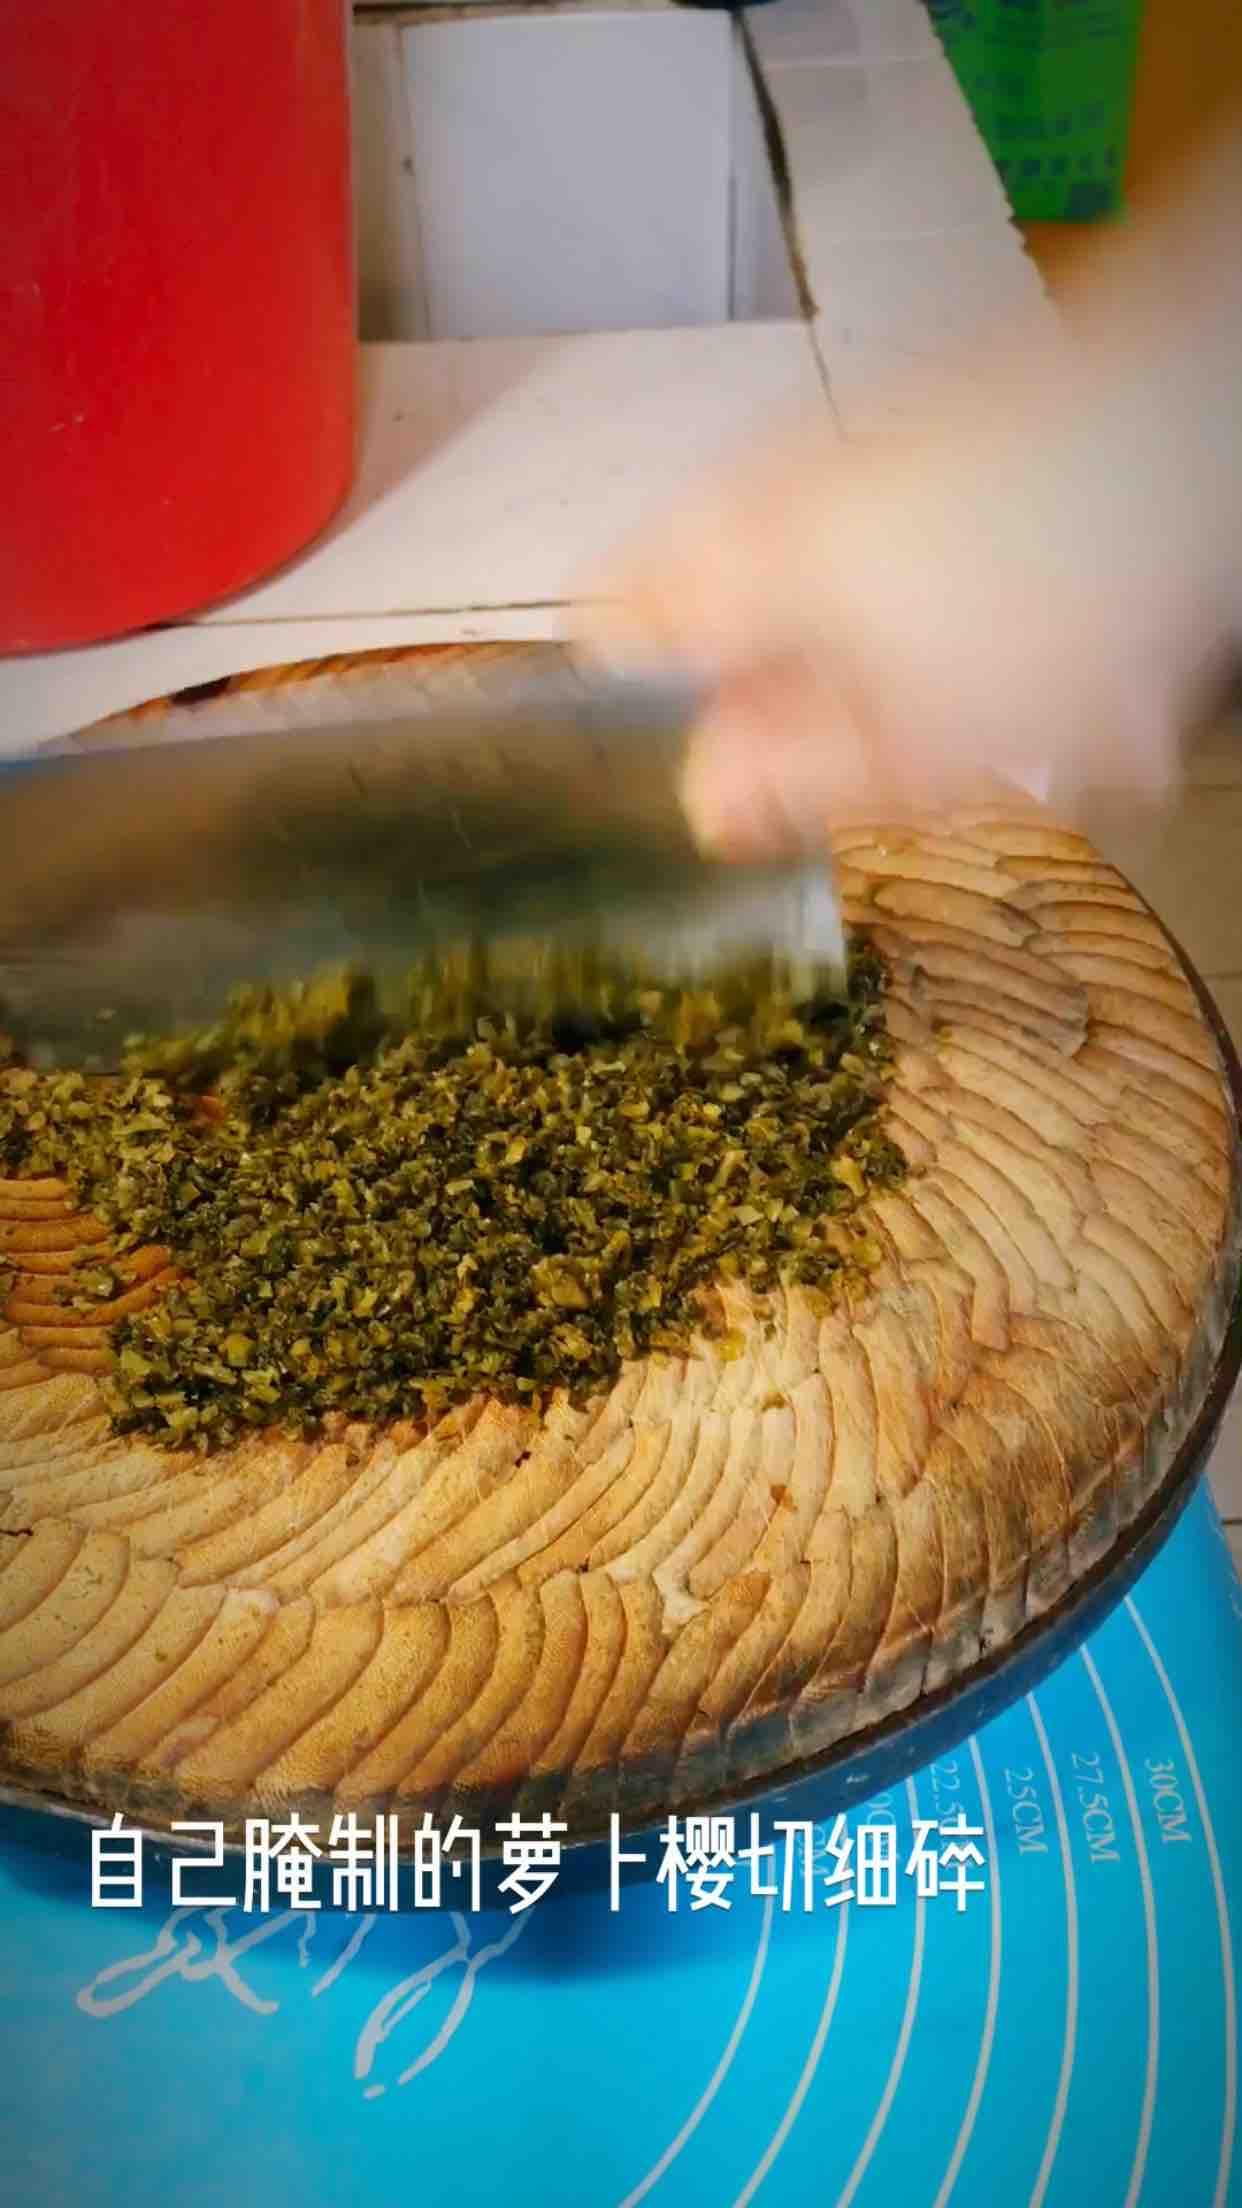 腌菜鲜肉柳叶包的步骤